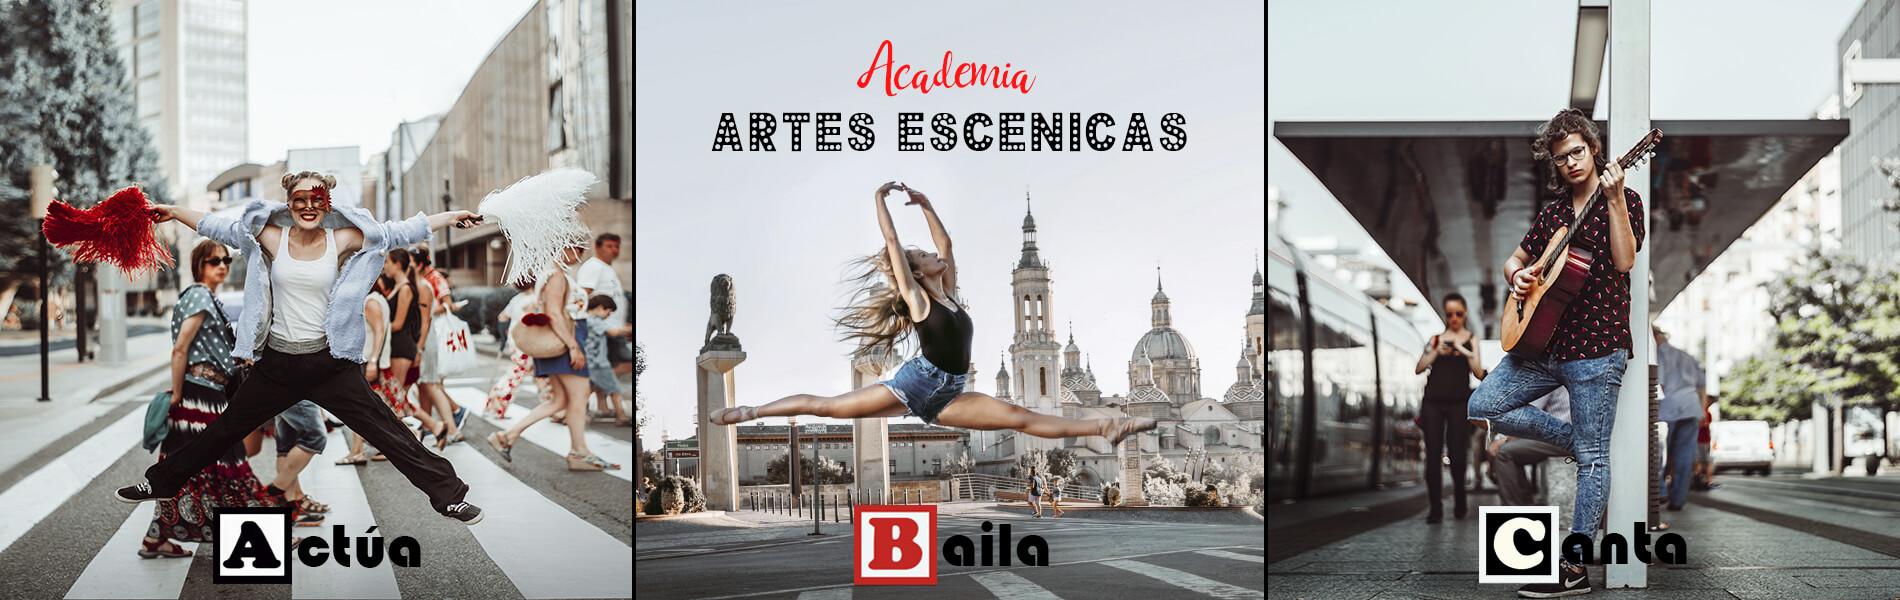 421fcfa413ac Escuela de baile, danza, música y teatro en Zaragoza - Bailaran